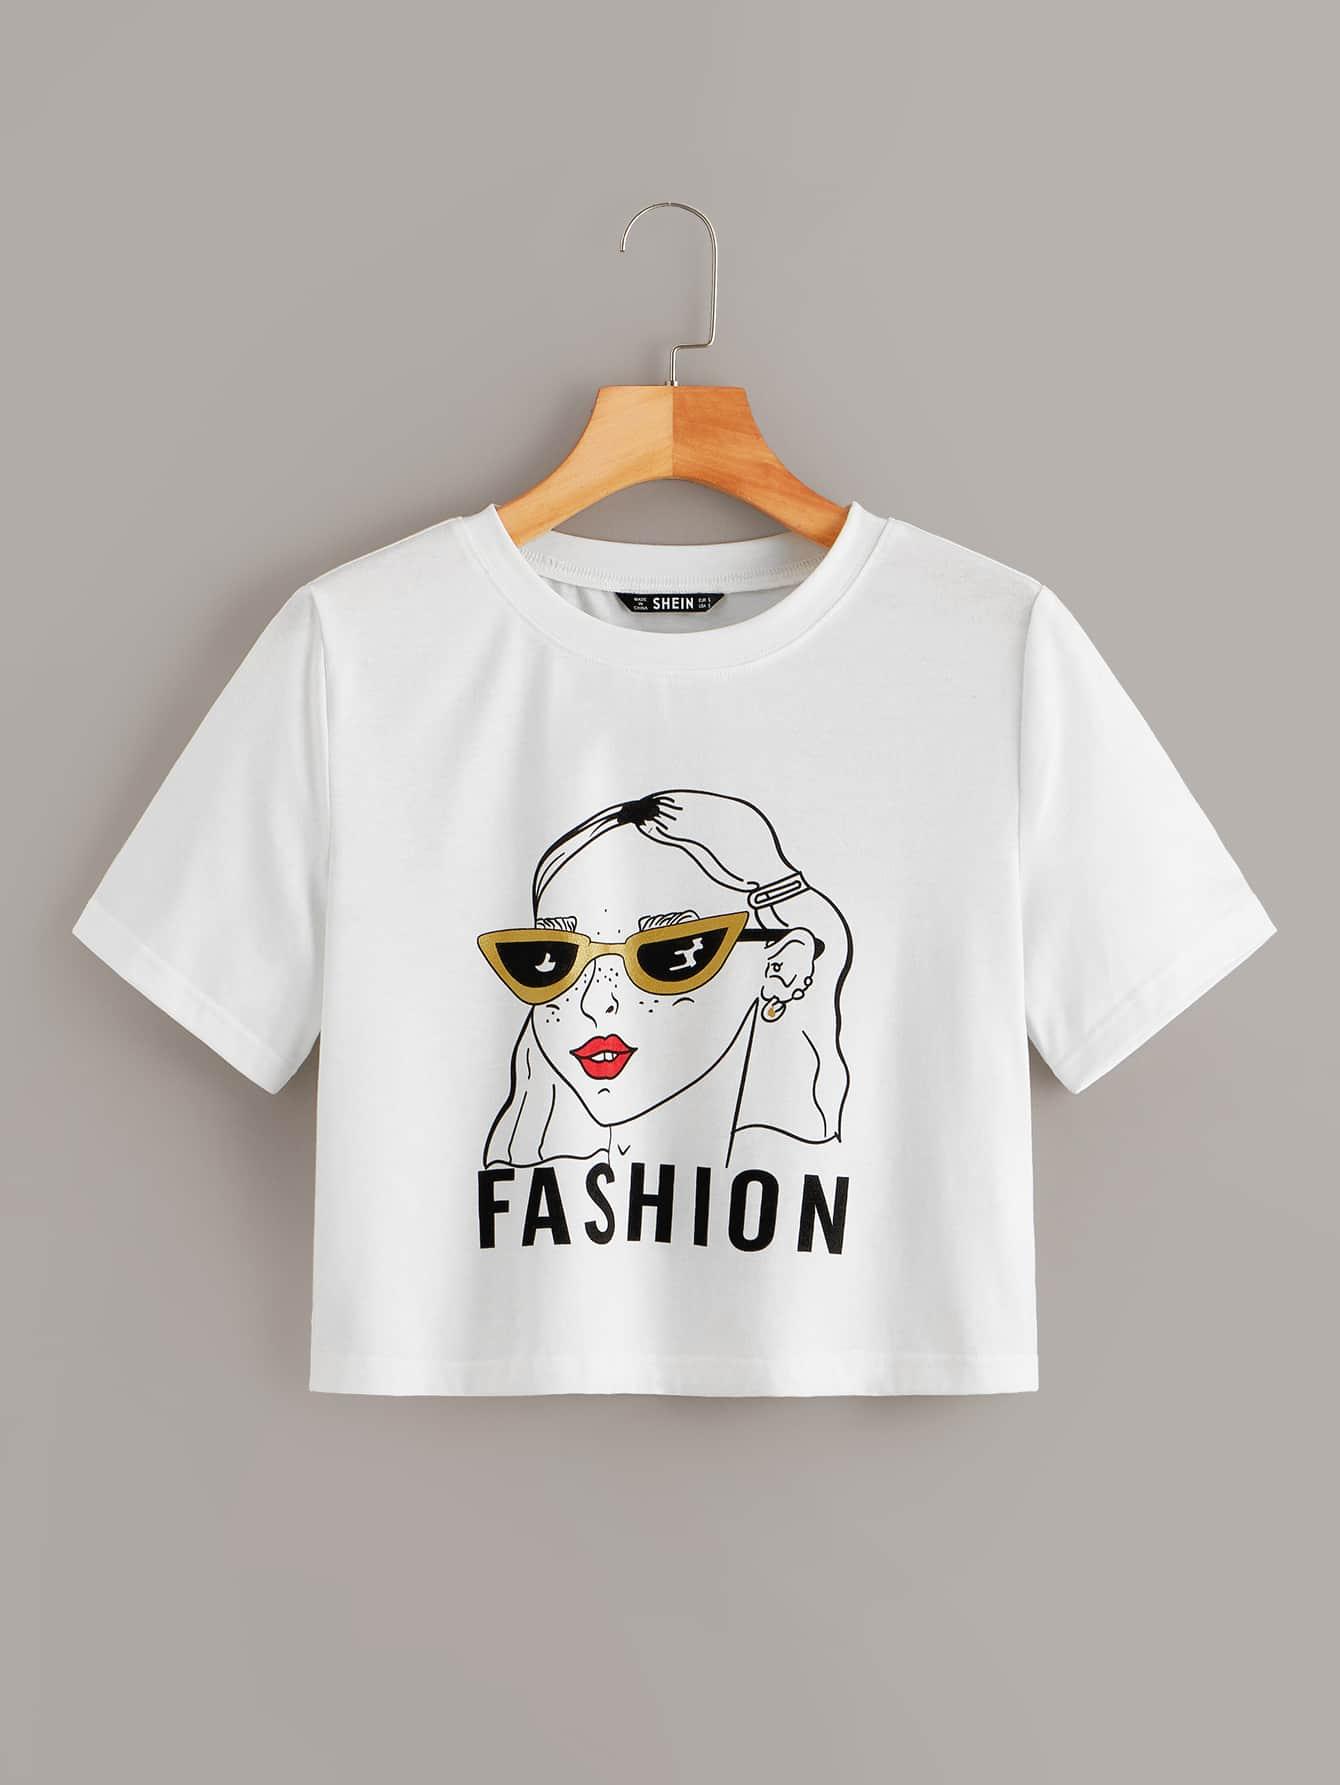 Фото - Кроп футболка с графическим и текстовым принтом от SheIn белого цвета